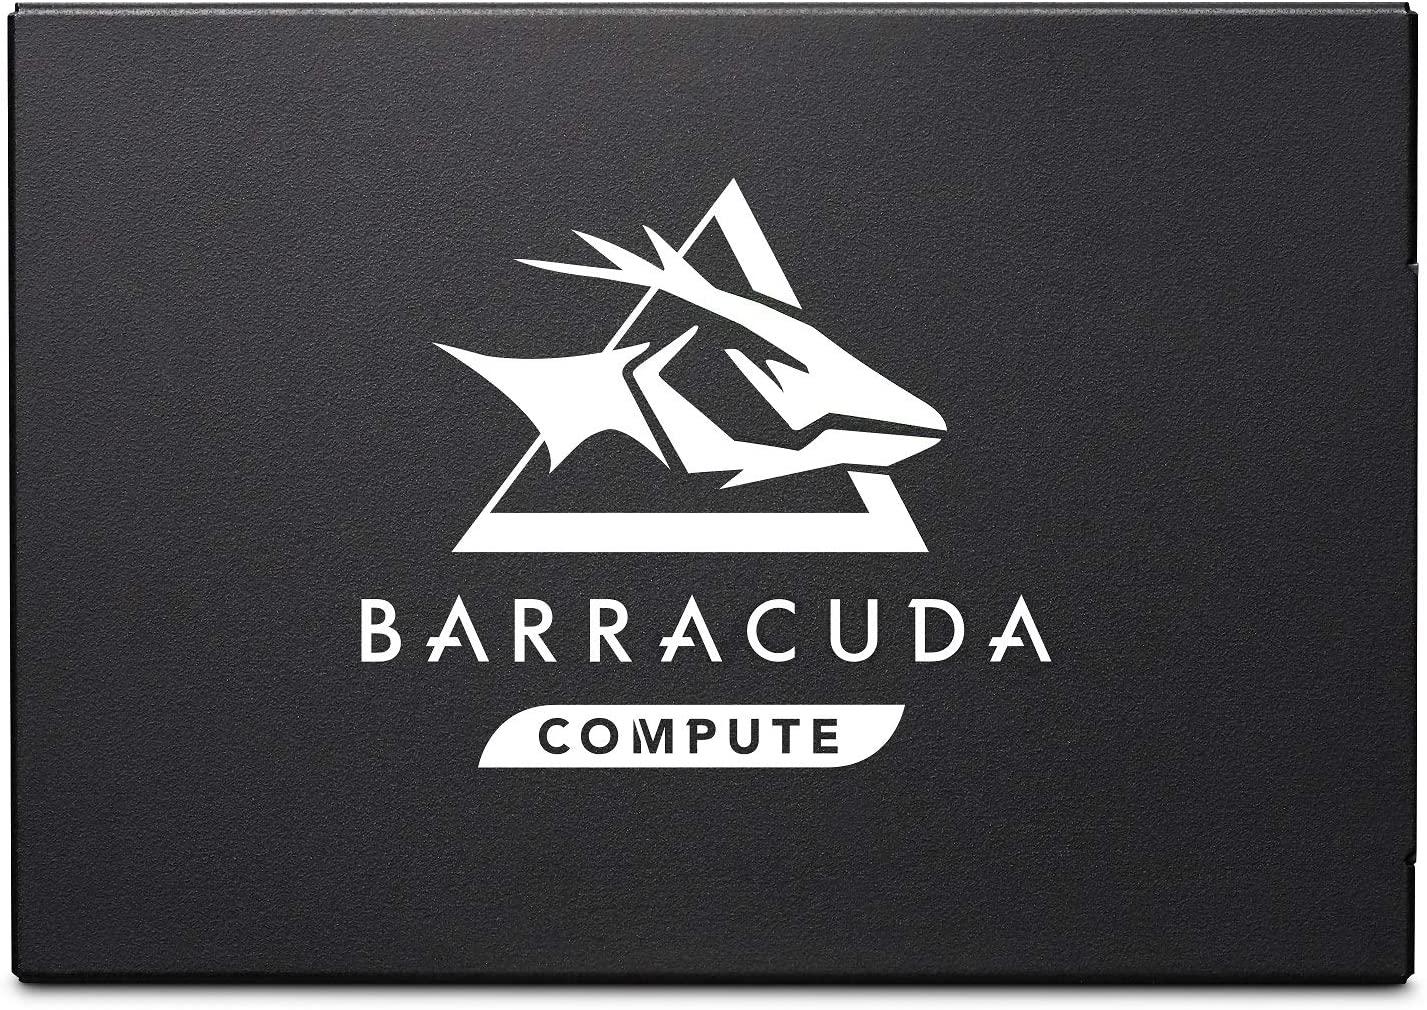 アマゾンでSeagate BarraCuda Q1 SSD 960GBが7000円切りのセール中。